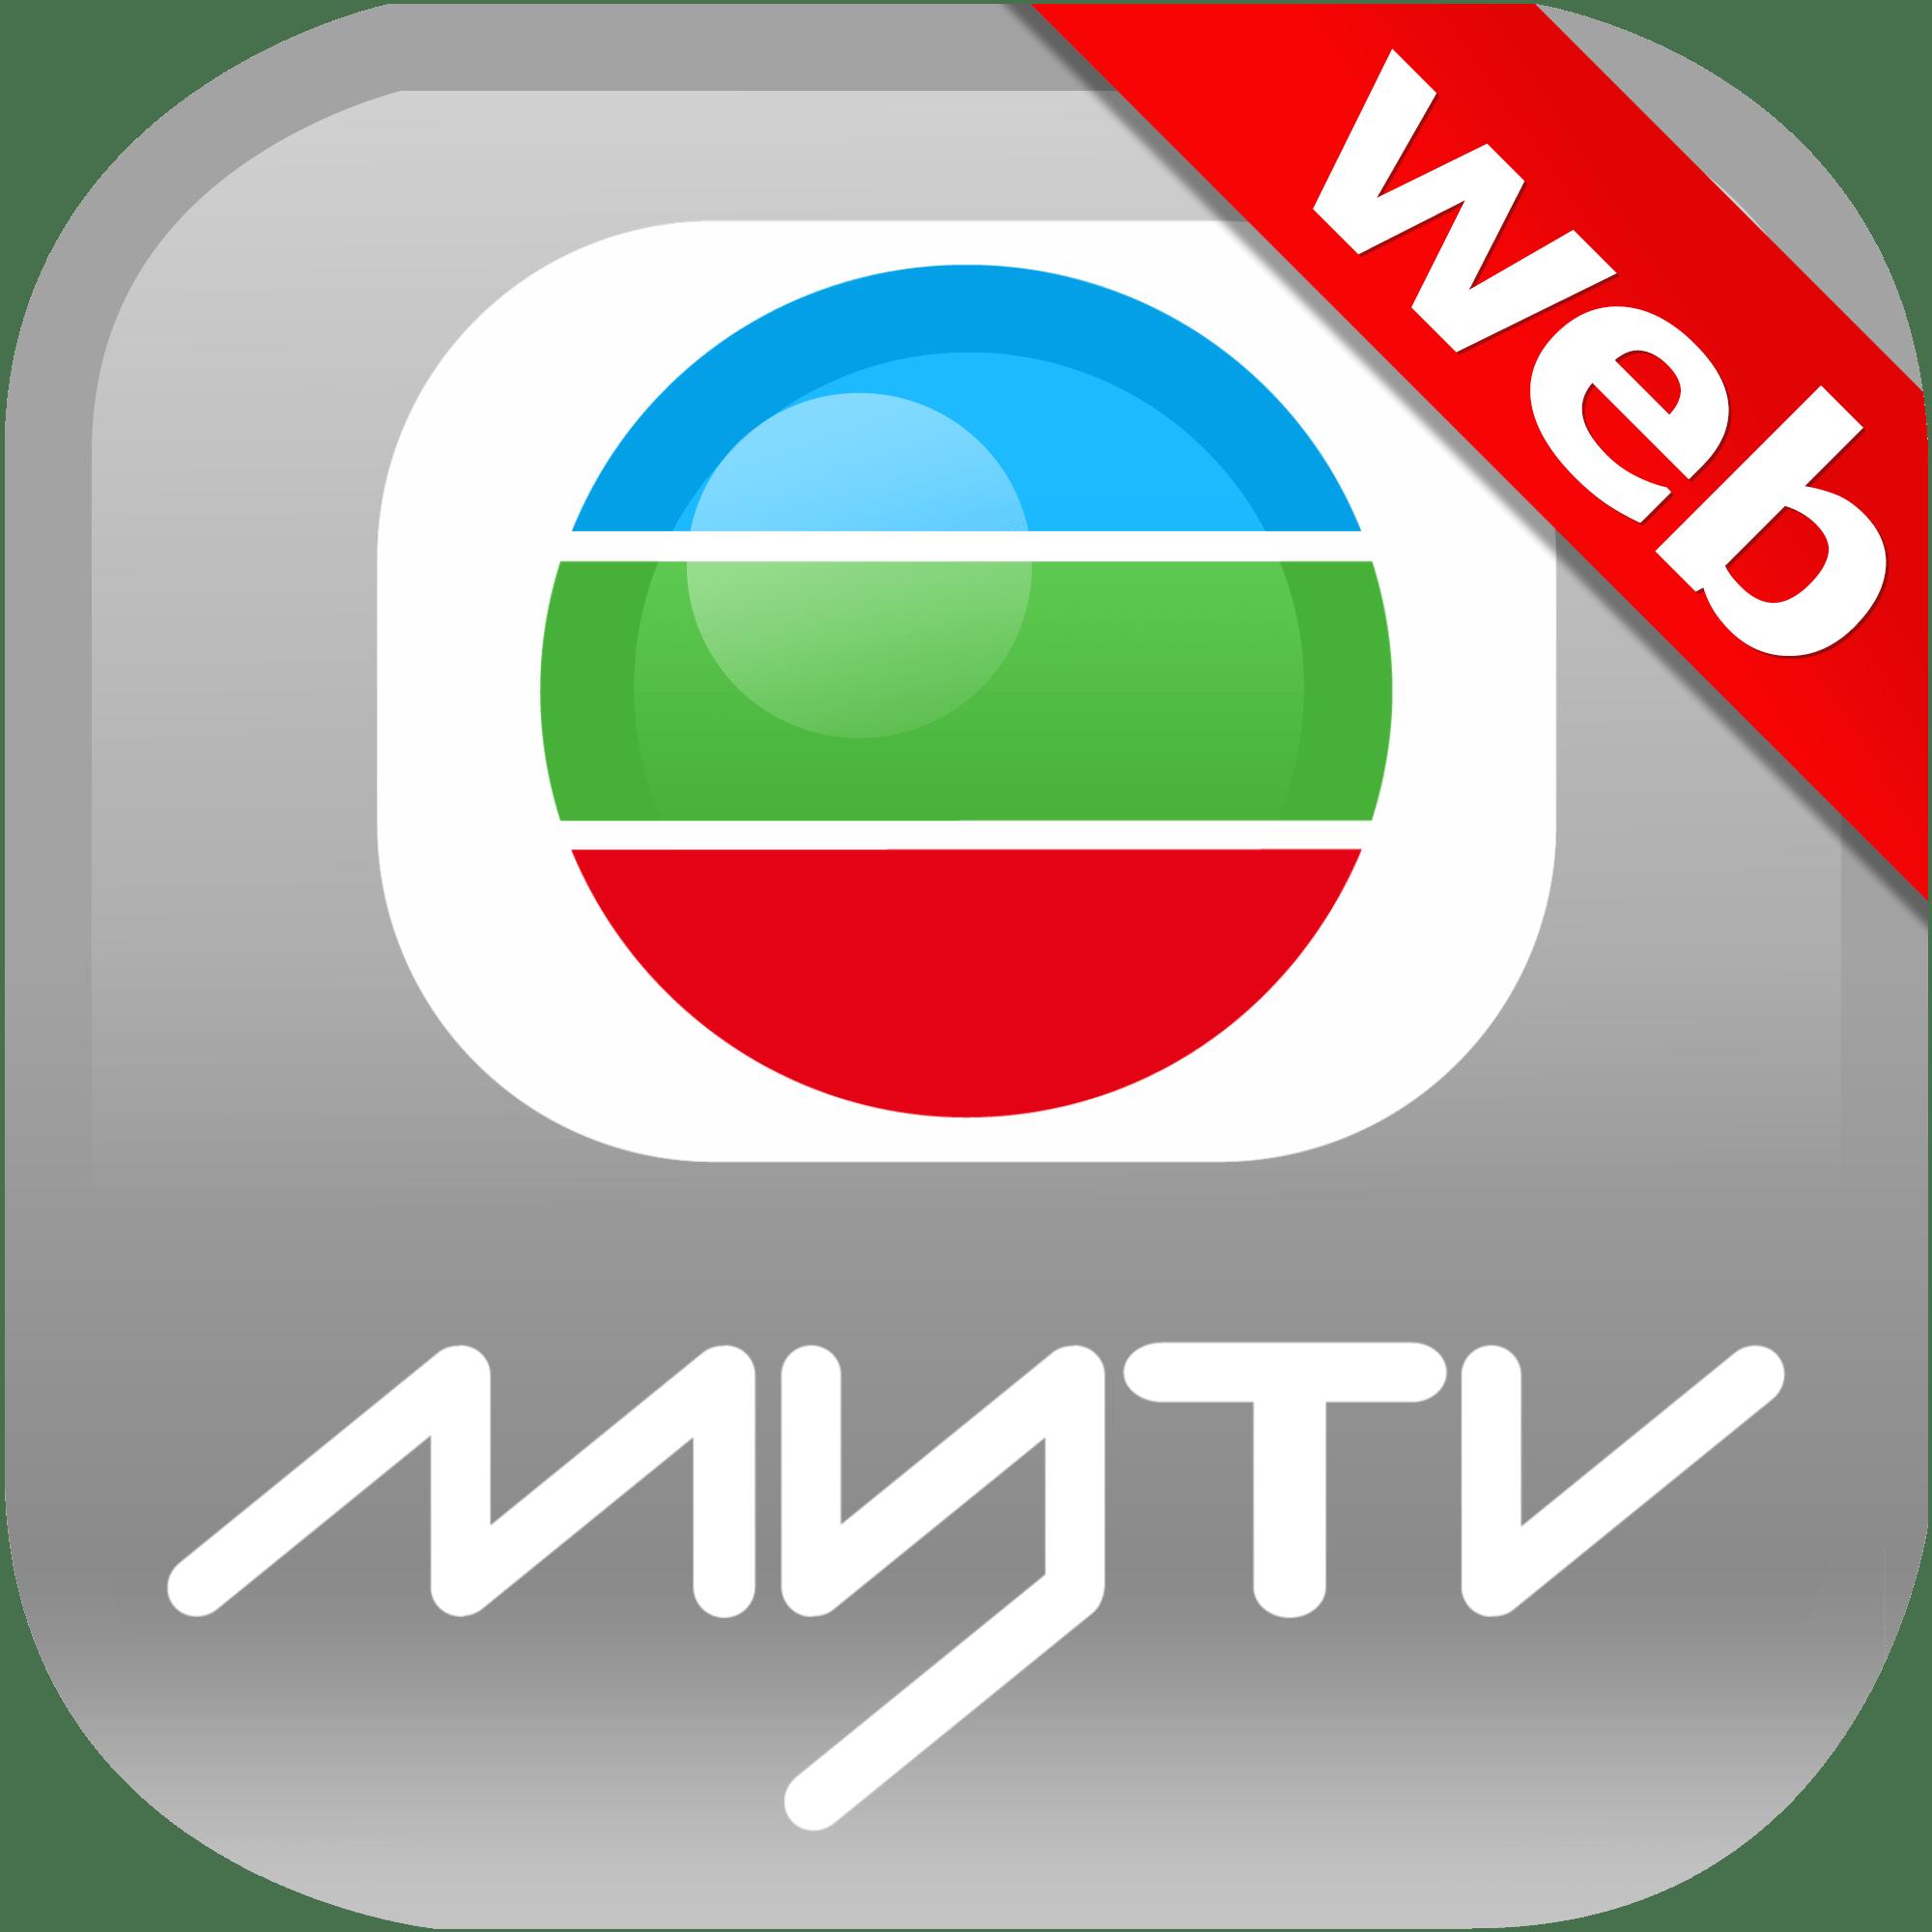 myTV - tvb.com